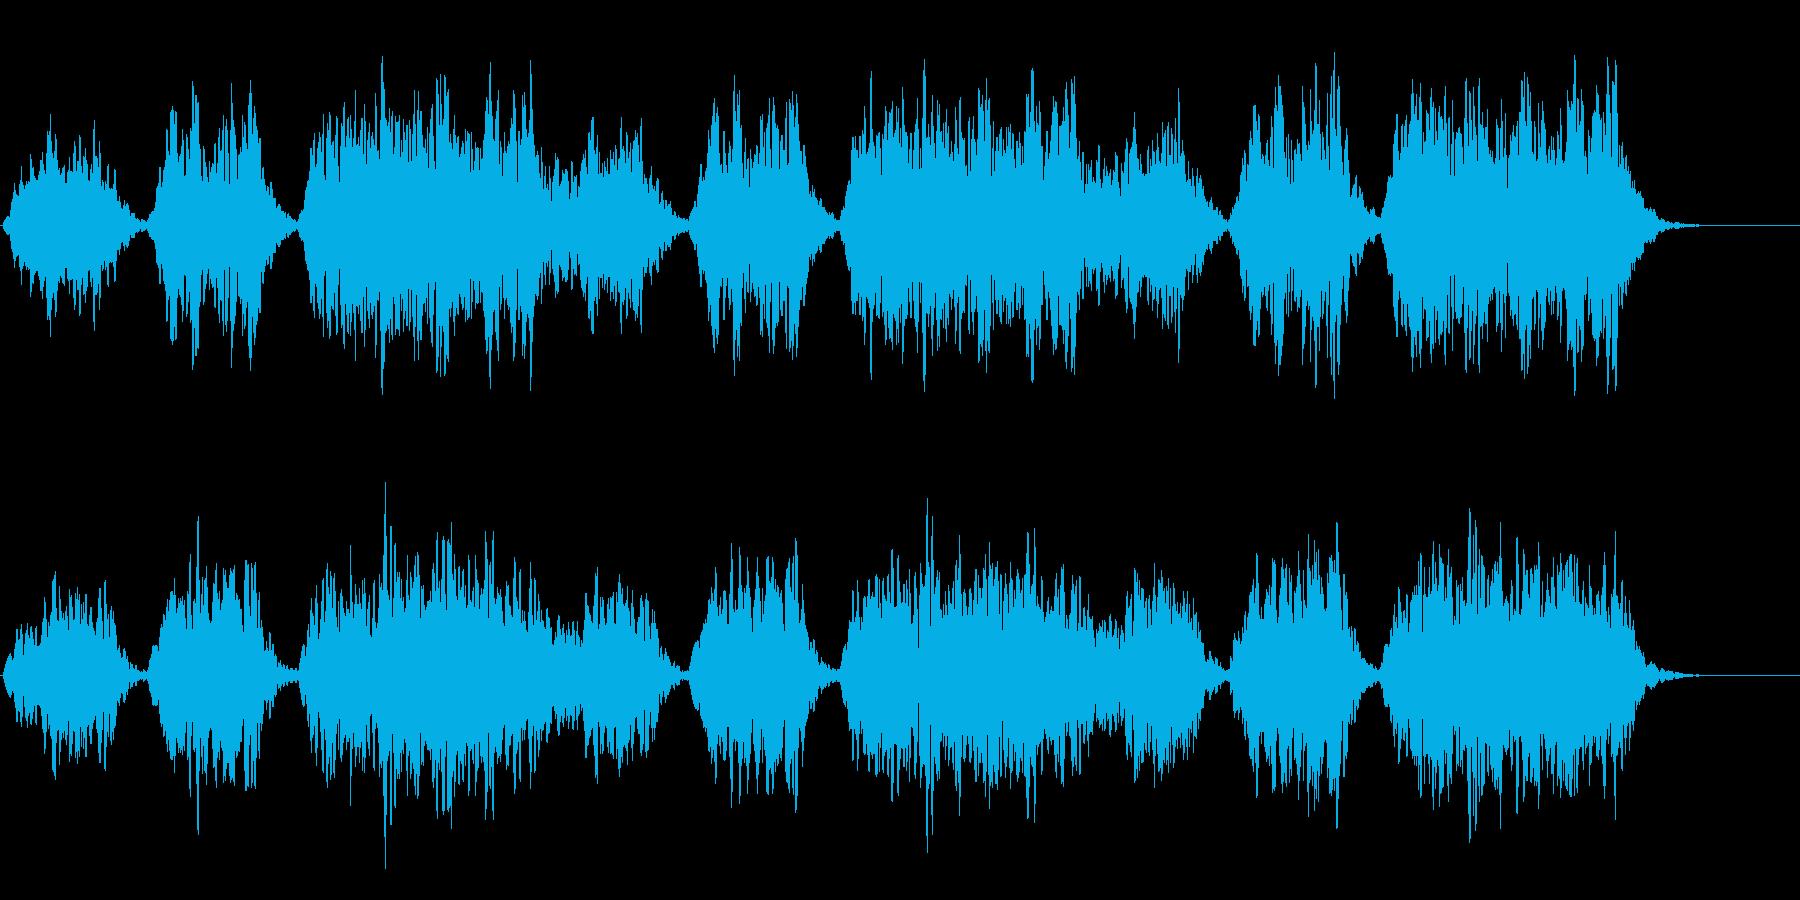 映像向けのパッド系BGMの再生済みの波形